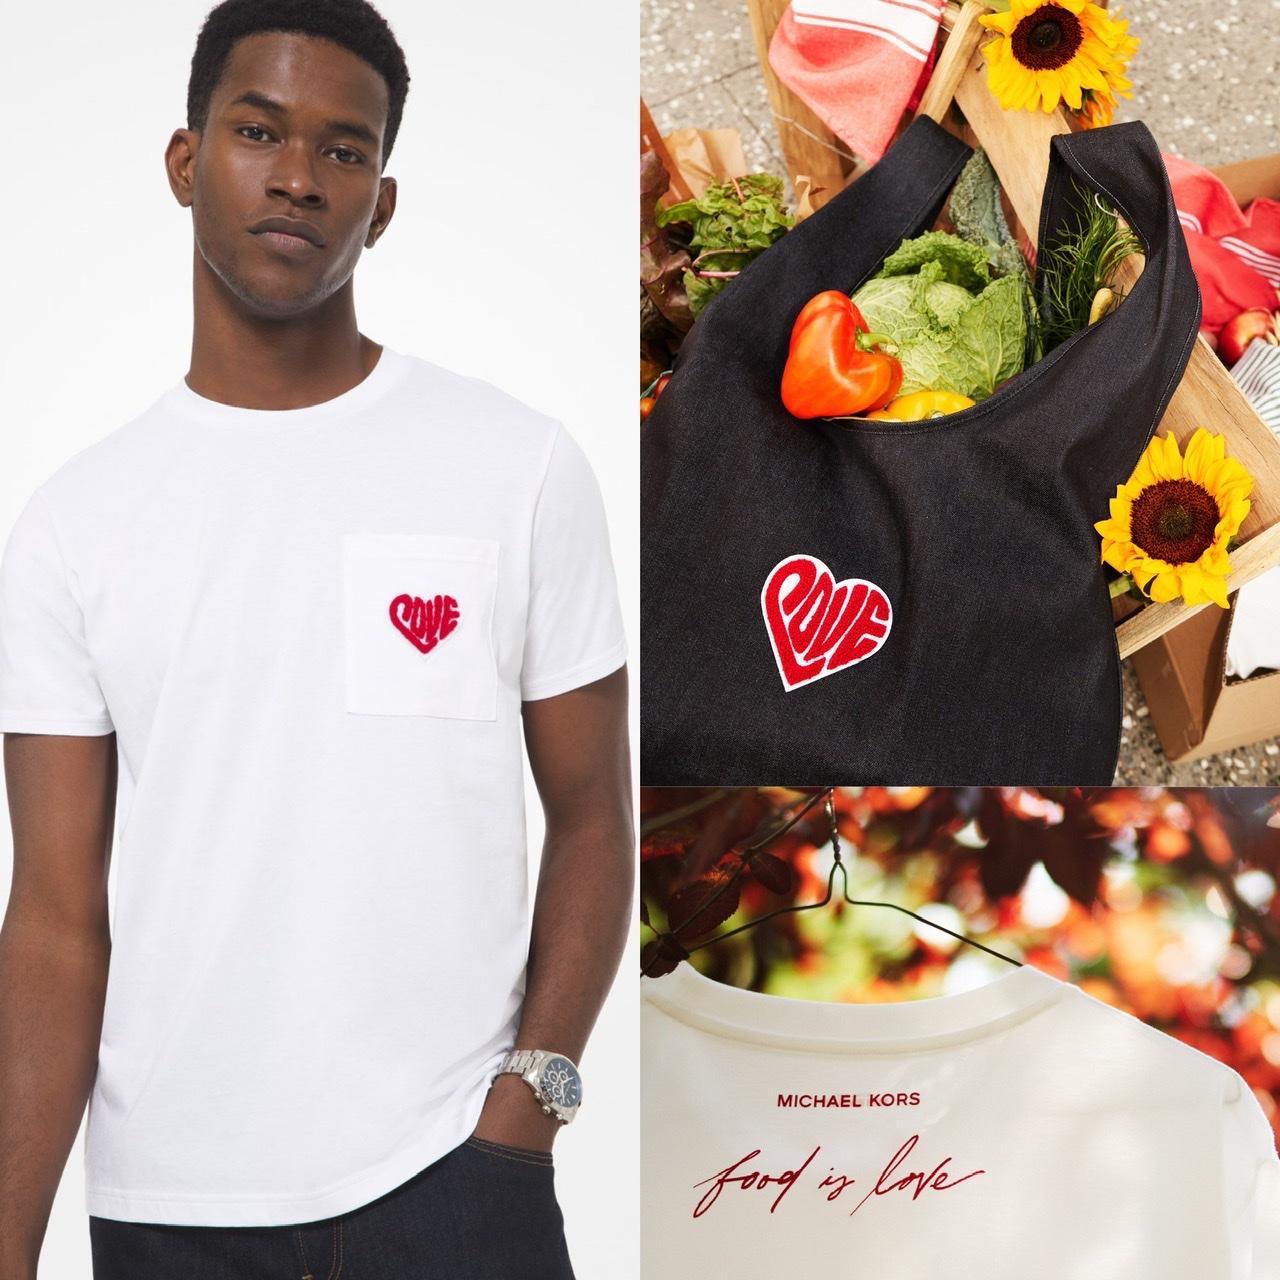 『マイケル・コース』の社員が広告塔!「ウォッチ・ハンガー・ストップキャンペーン」のTシャツ&バッグの新デザイン発表♡_2